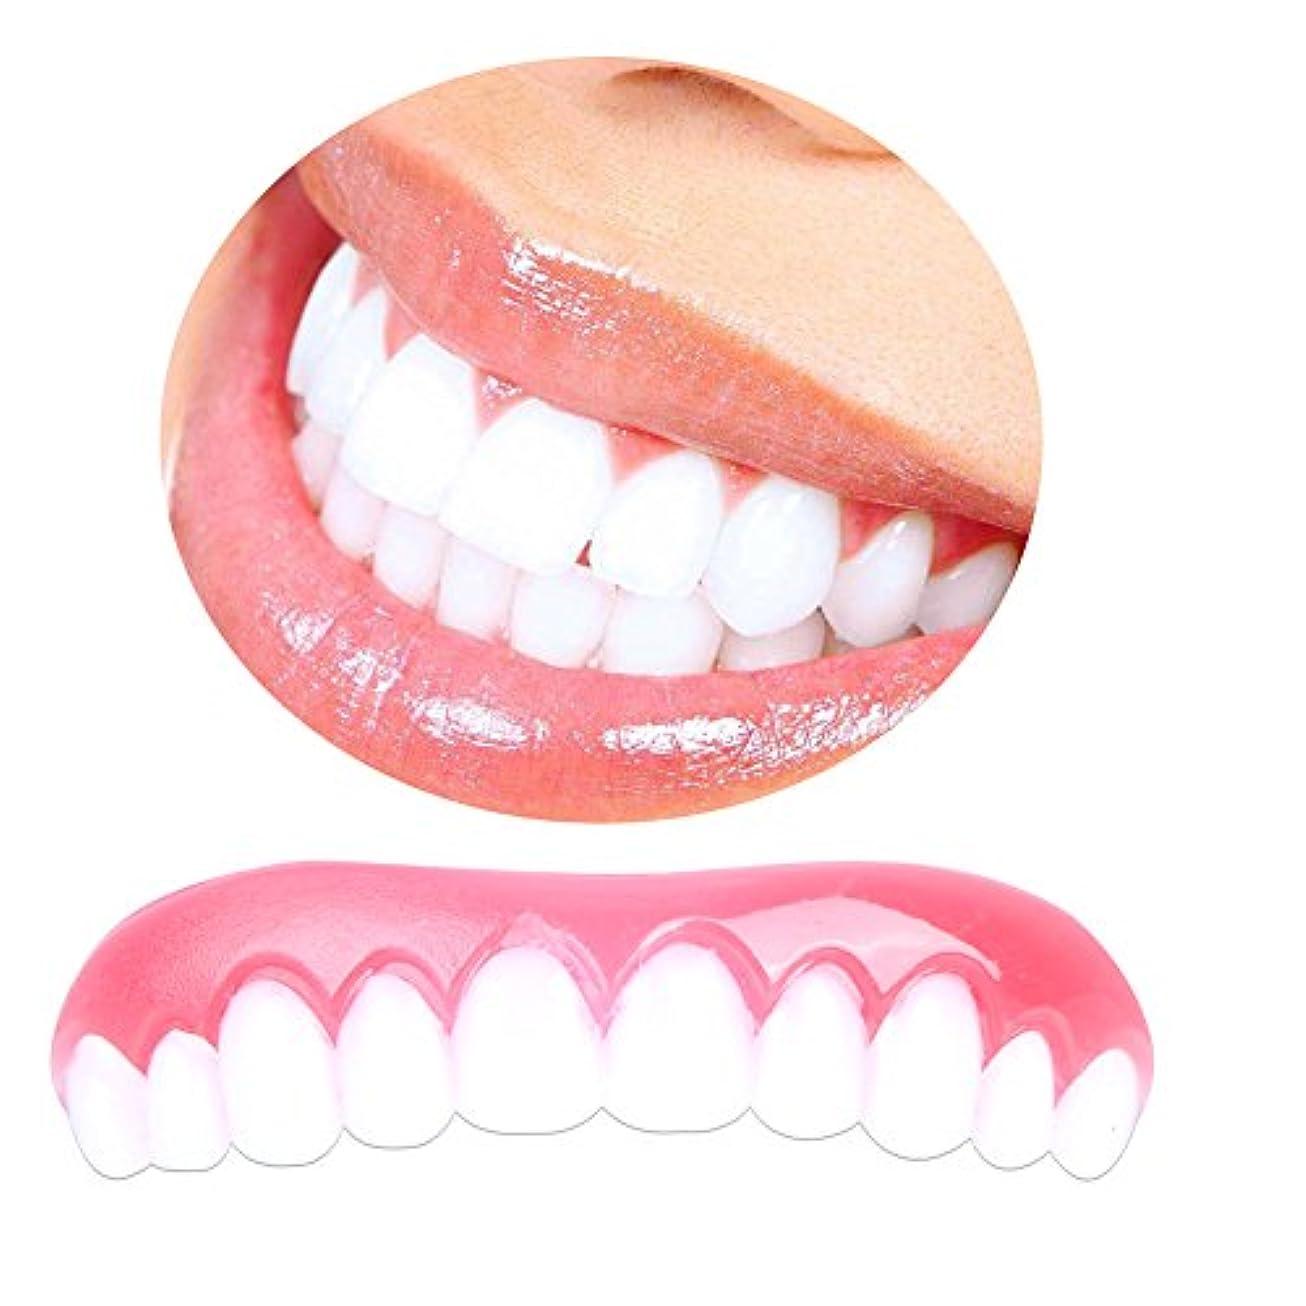 世代一致スクランブル2ピースコンフォートフィットフレックス化粧品の歯完璧な笑顔のベニヤダブの歯の修正のための歯の修正のための完璧な笑顔のベニヤの歯のホワイトニング